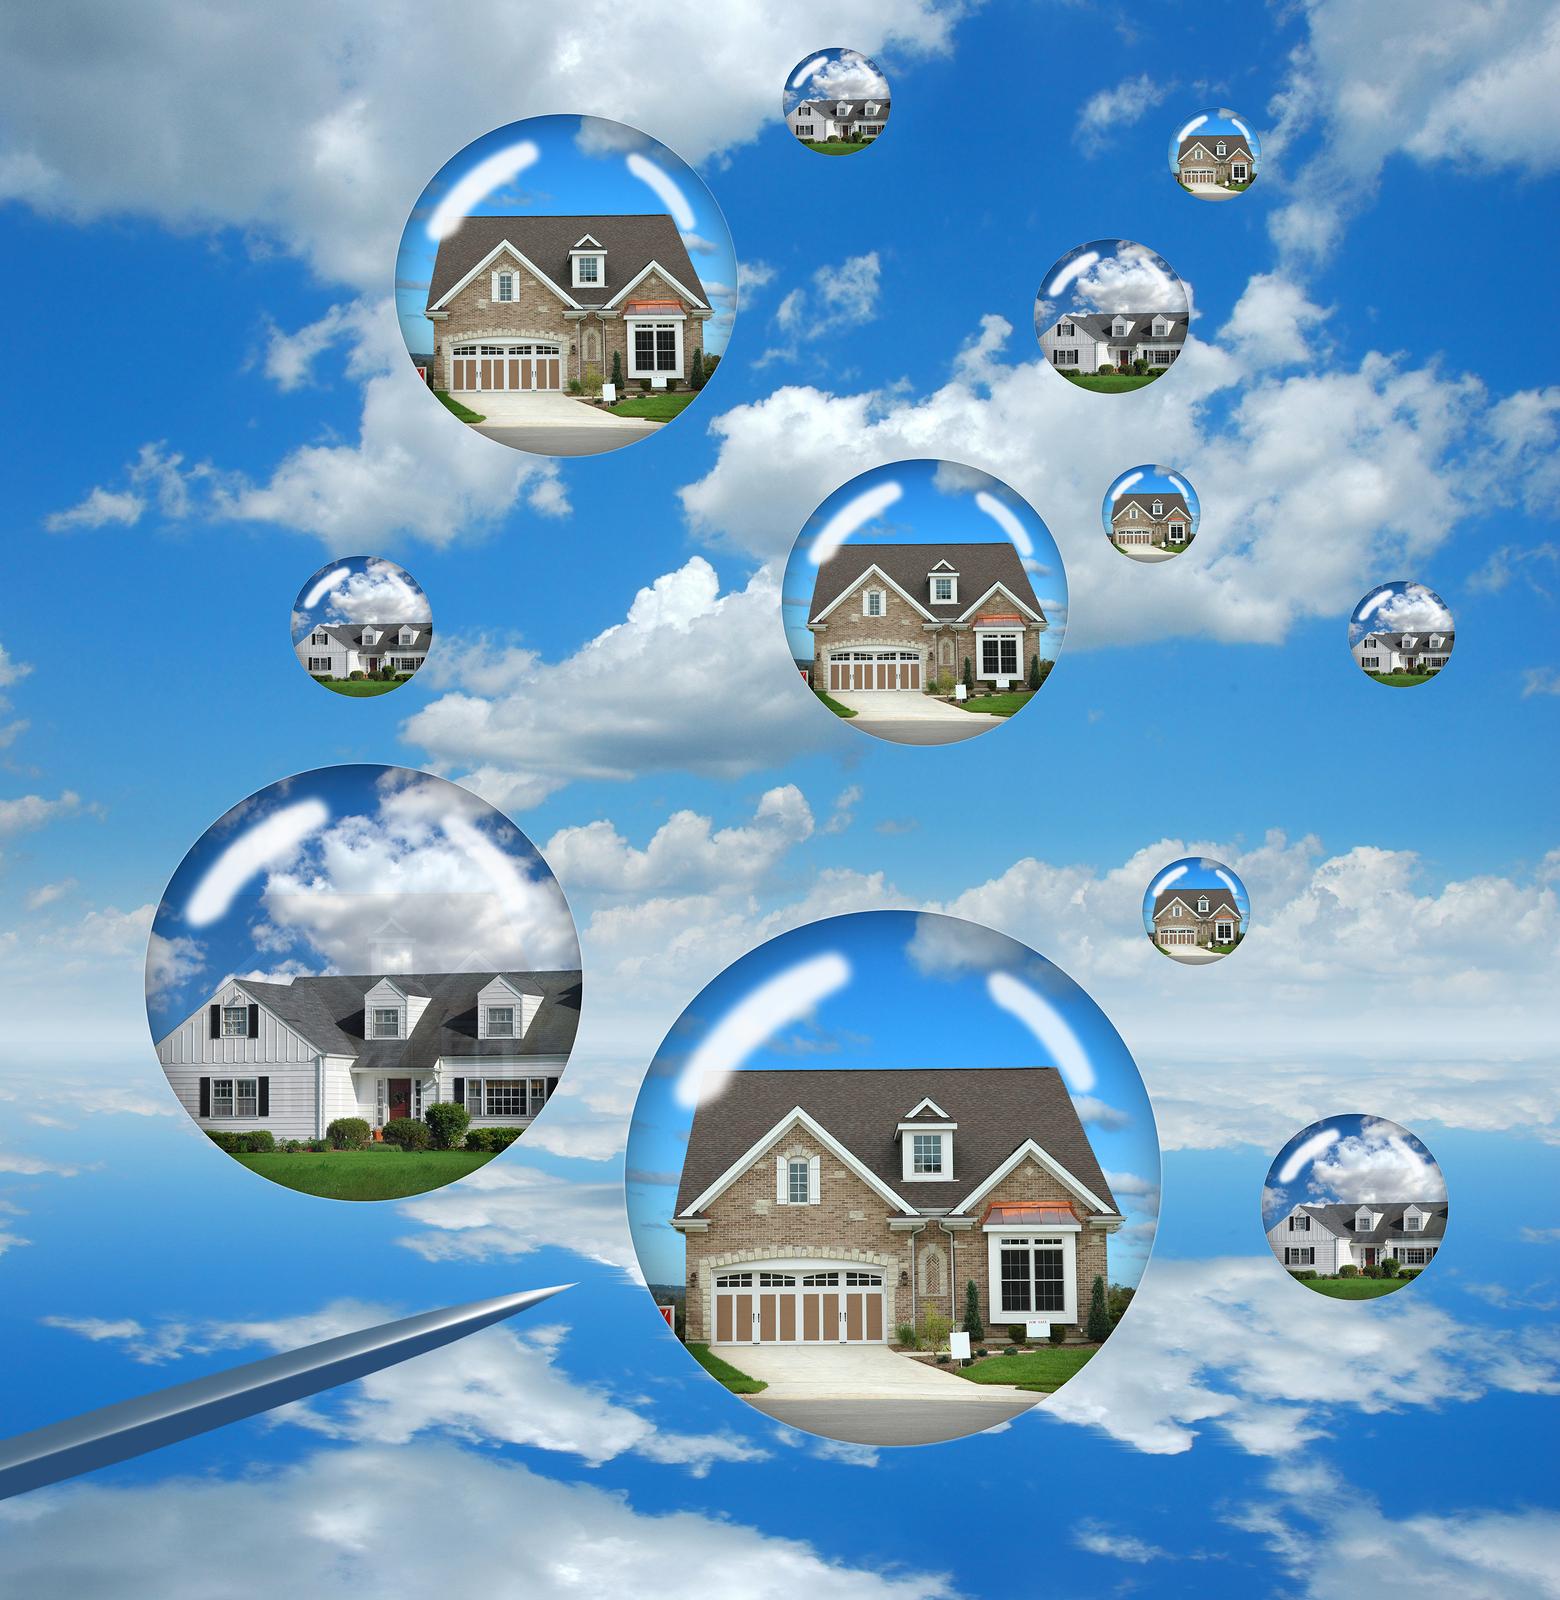 bigstock-Housing-Market-Troubles-3003120.jpg